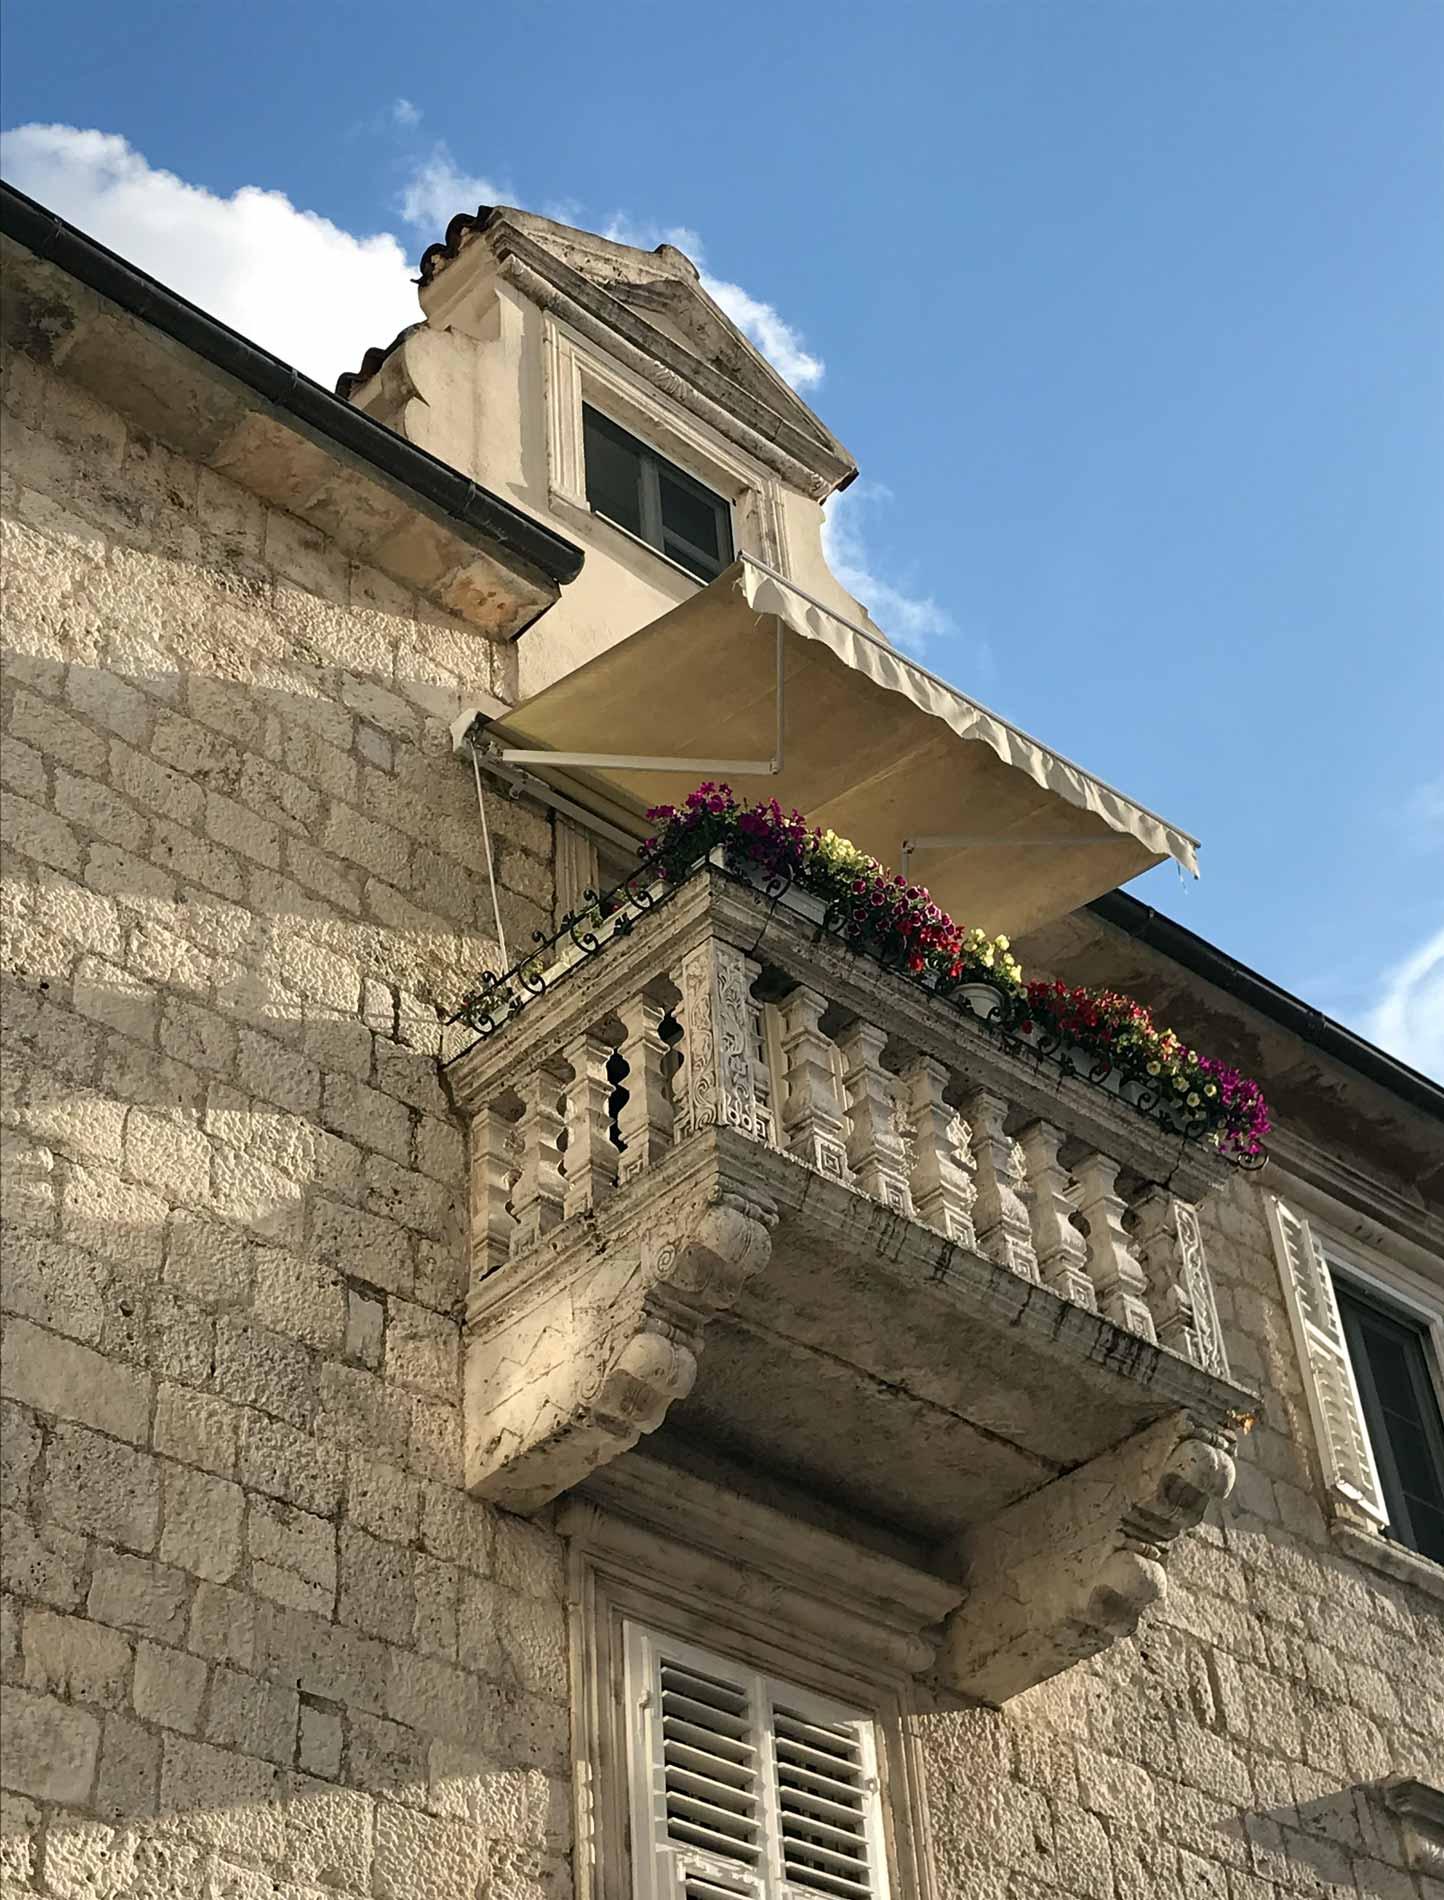 Kotor-Montenegro-balcone-fiori-cielo-azzurro